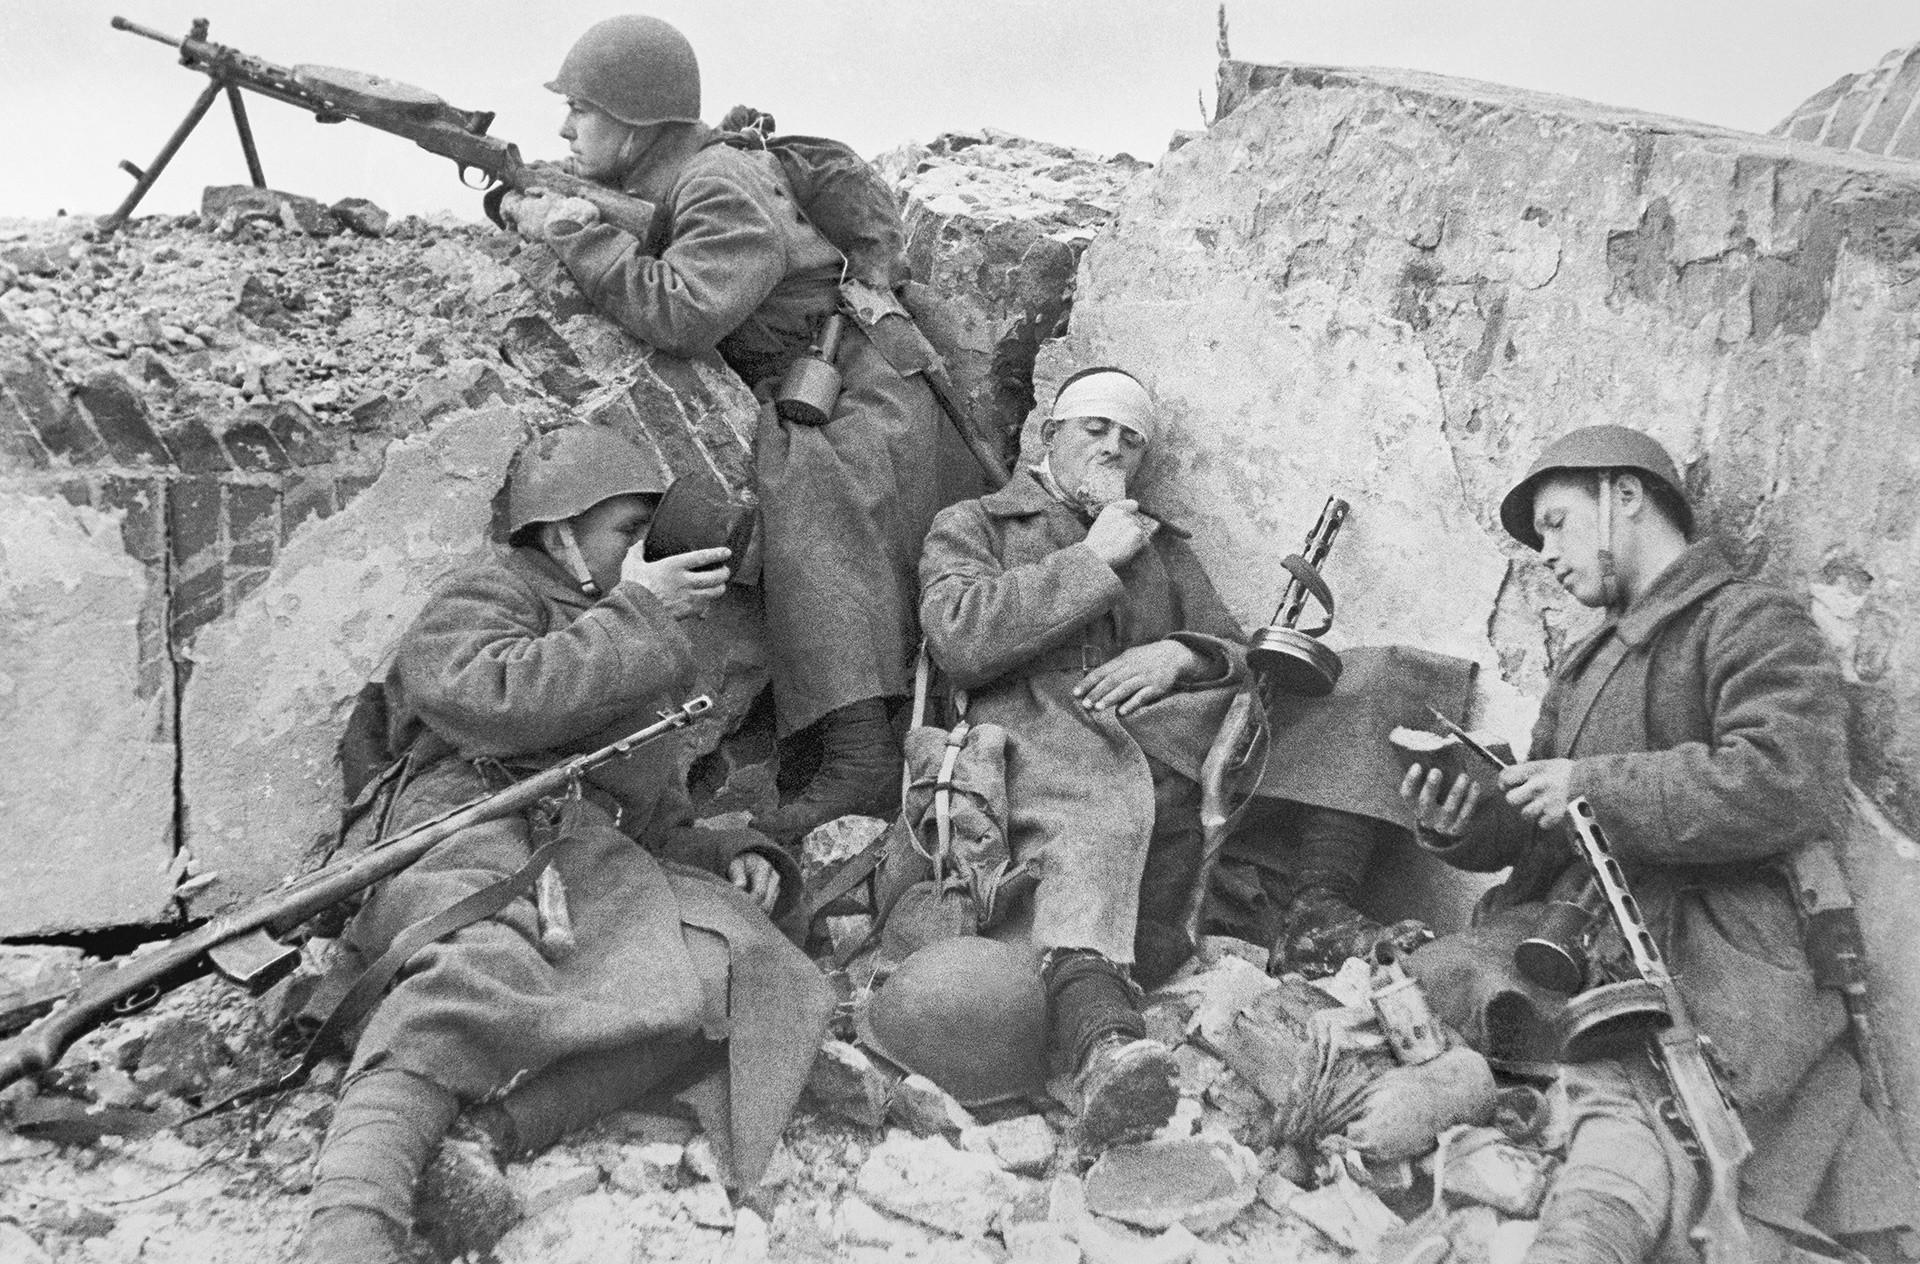 赤軍の兵士が掩堡で短い休暇をとっている。西部戦線。